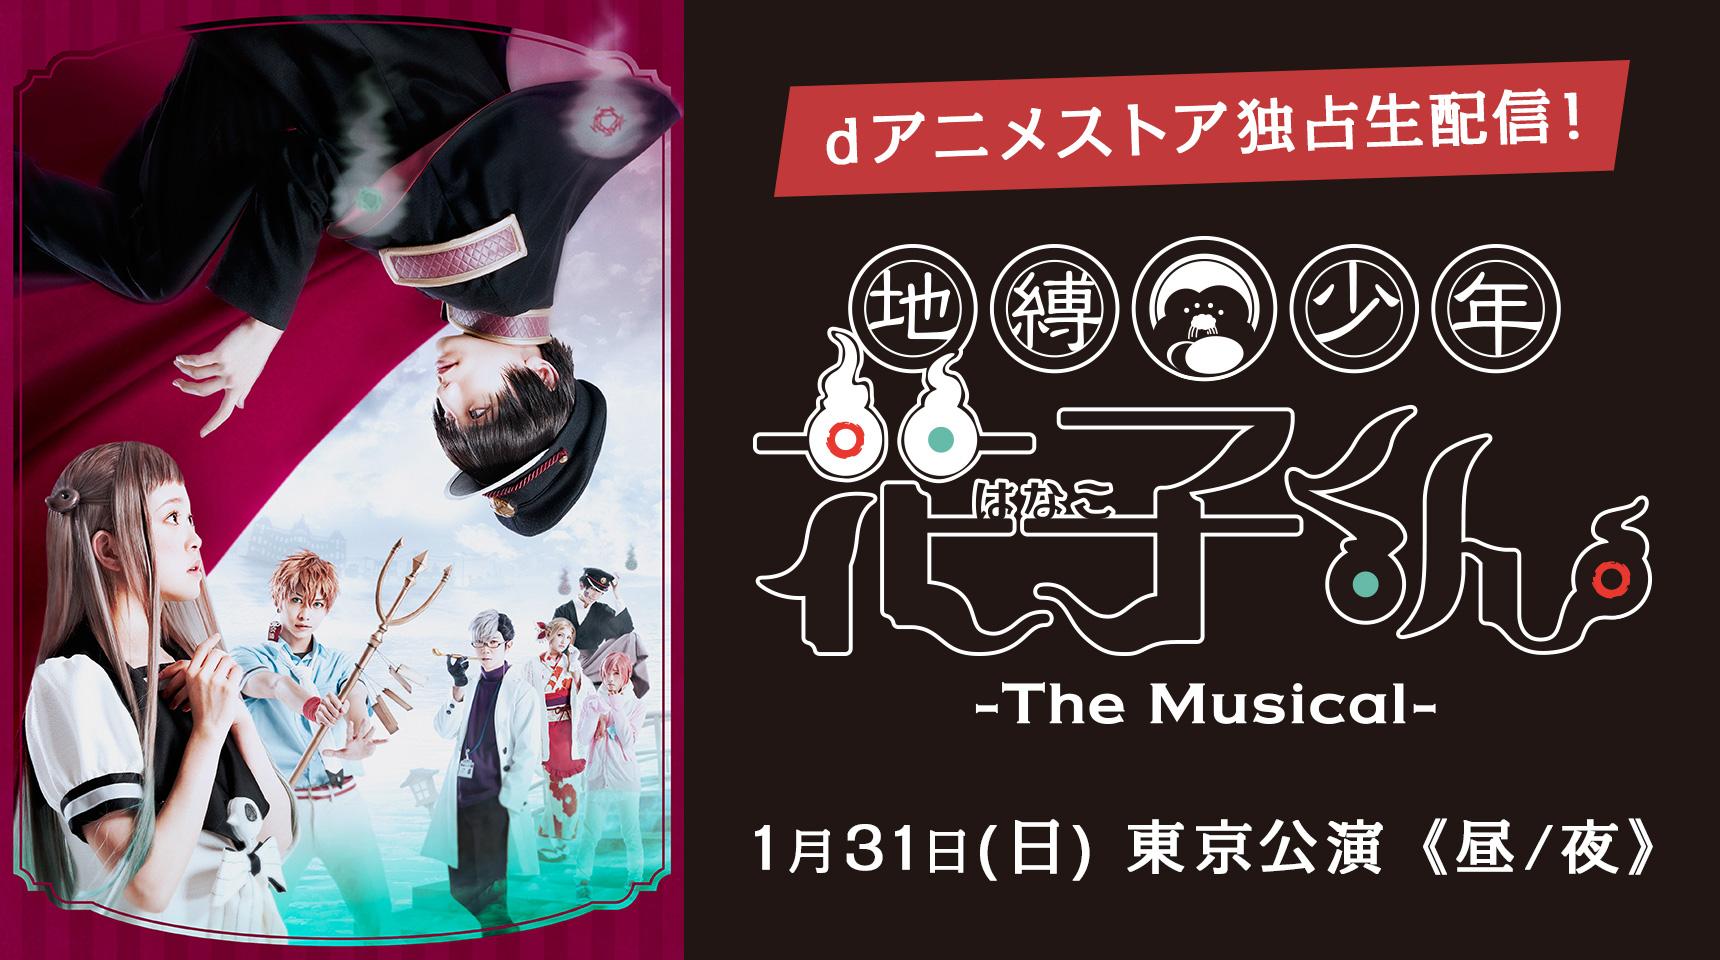 dアニメストア独占生配信!1月31日(日) 東京公演《昼/夜》